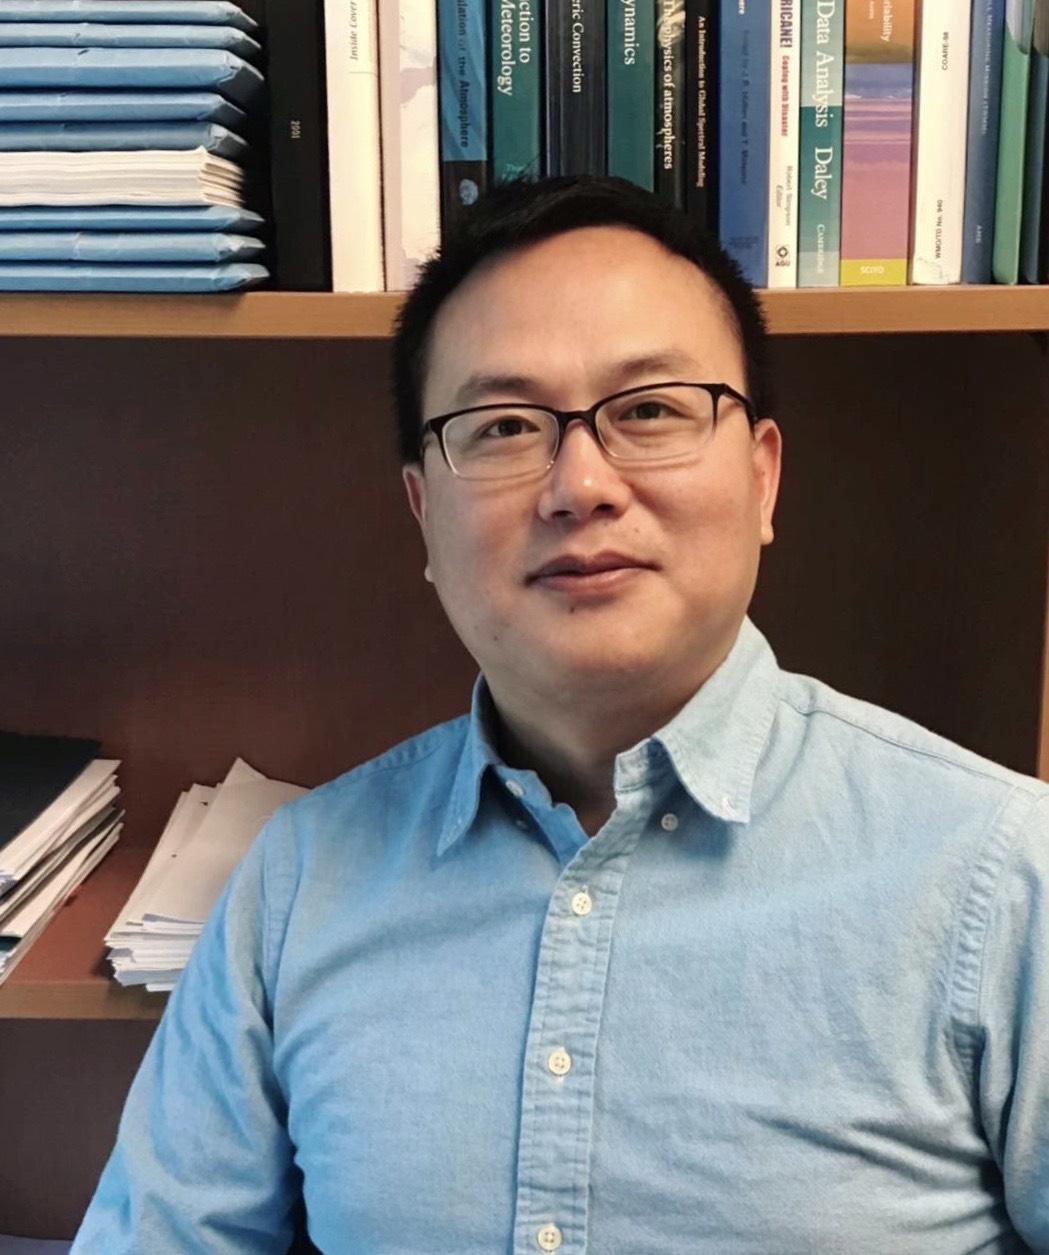 Jifu Yin poses in front of his bookshelf, wearing a blue button-down